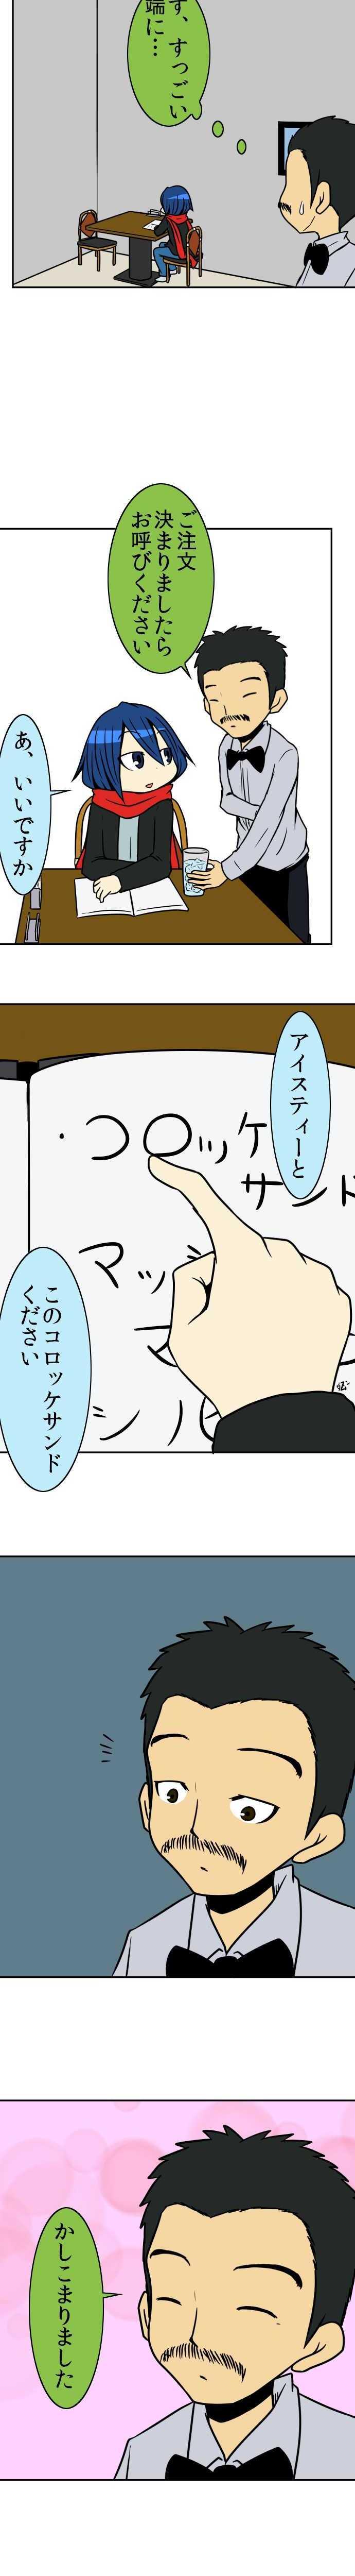 44術目:忍ぶ喫茶店(其の弐)